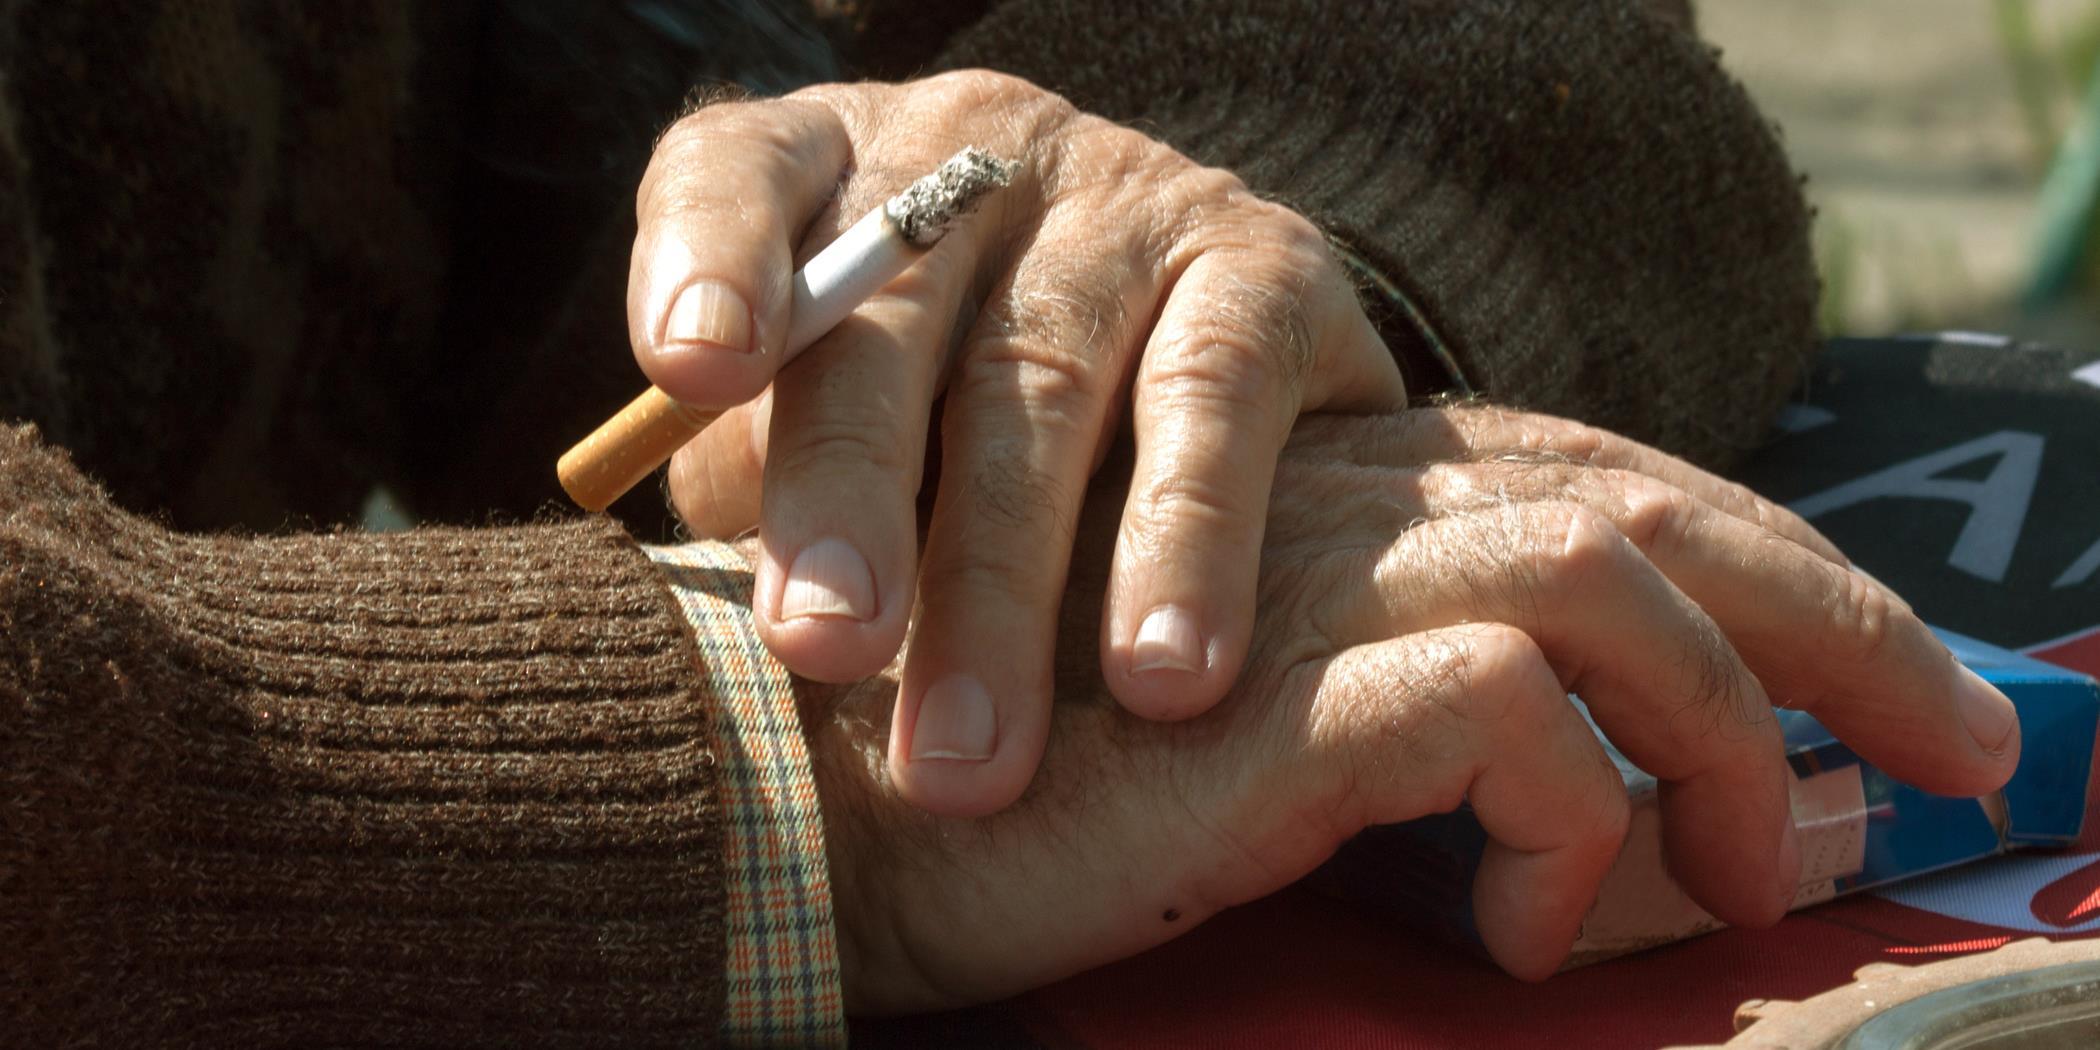 érdemes-e leszokni a dohányzásról ha elkezdte)